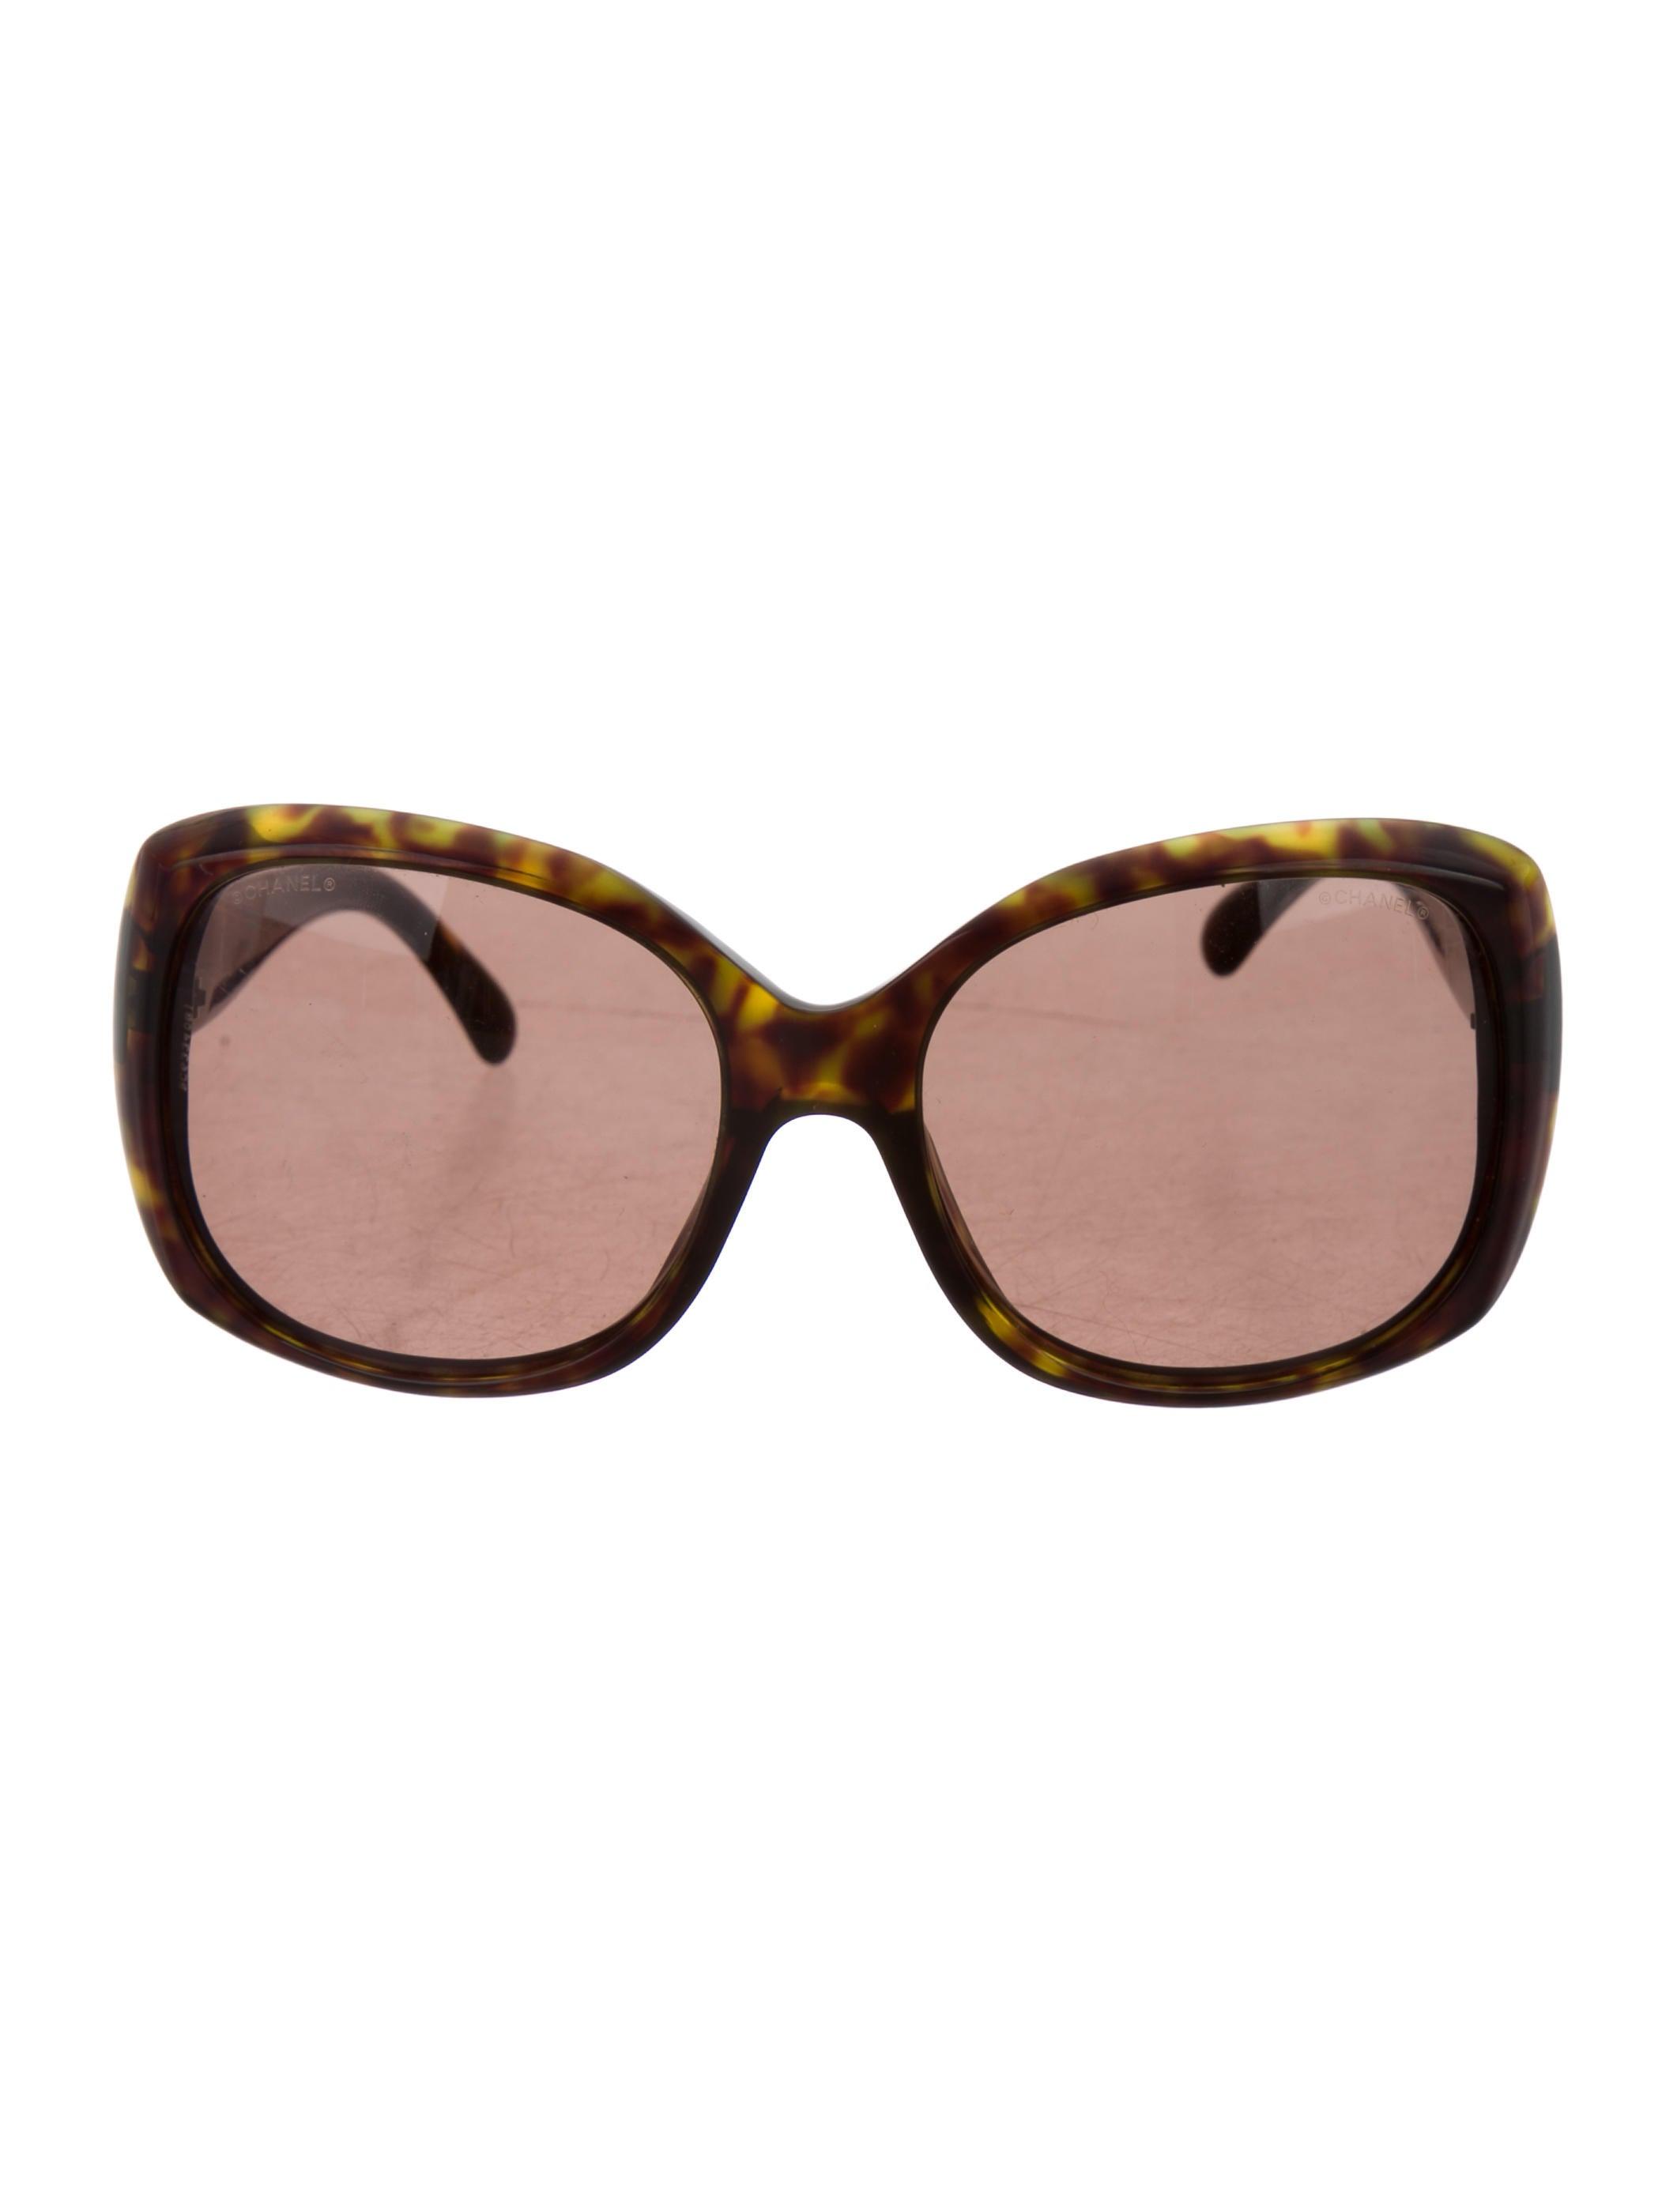 e8bd6e0f26403 Chanel Sunglasses Square Fall